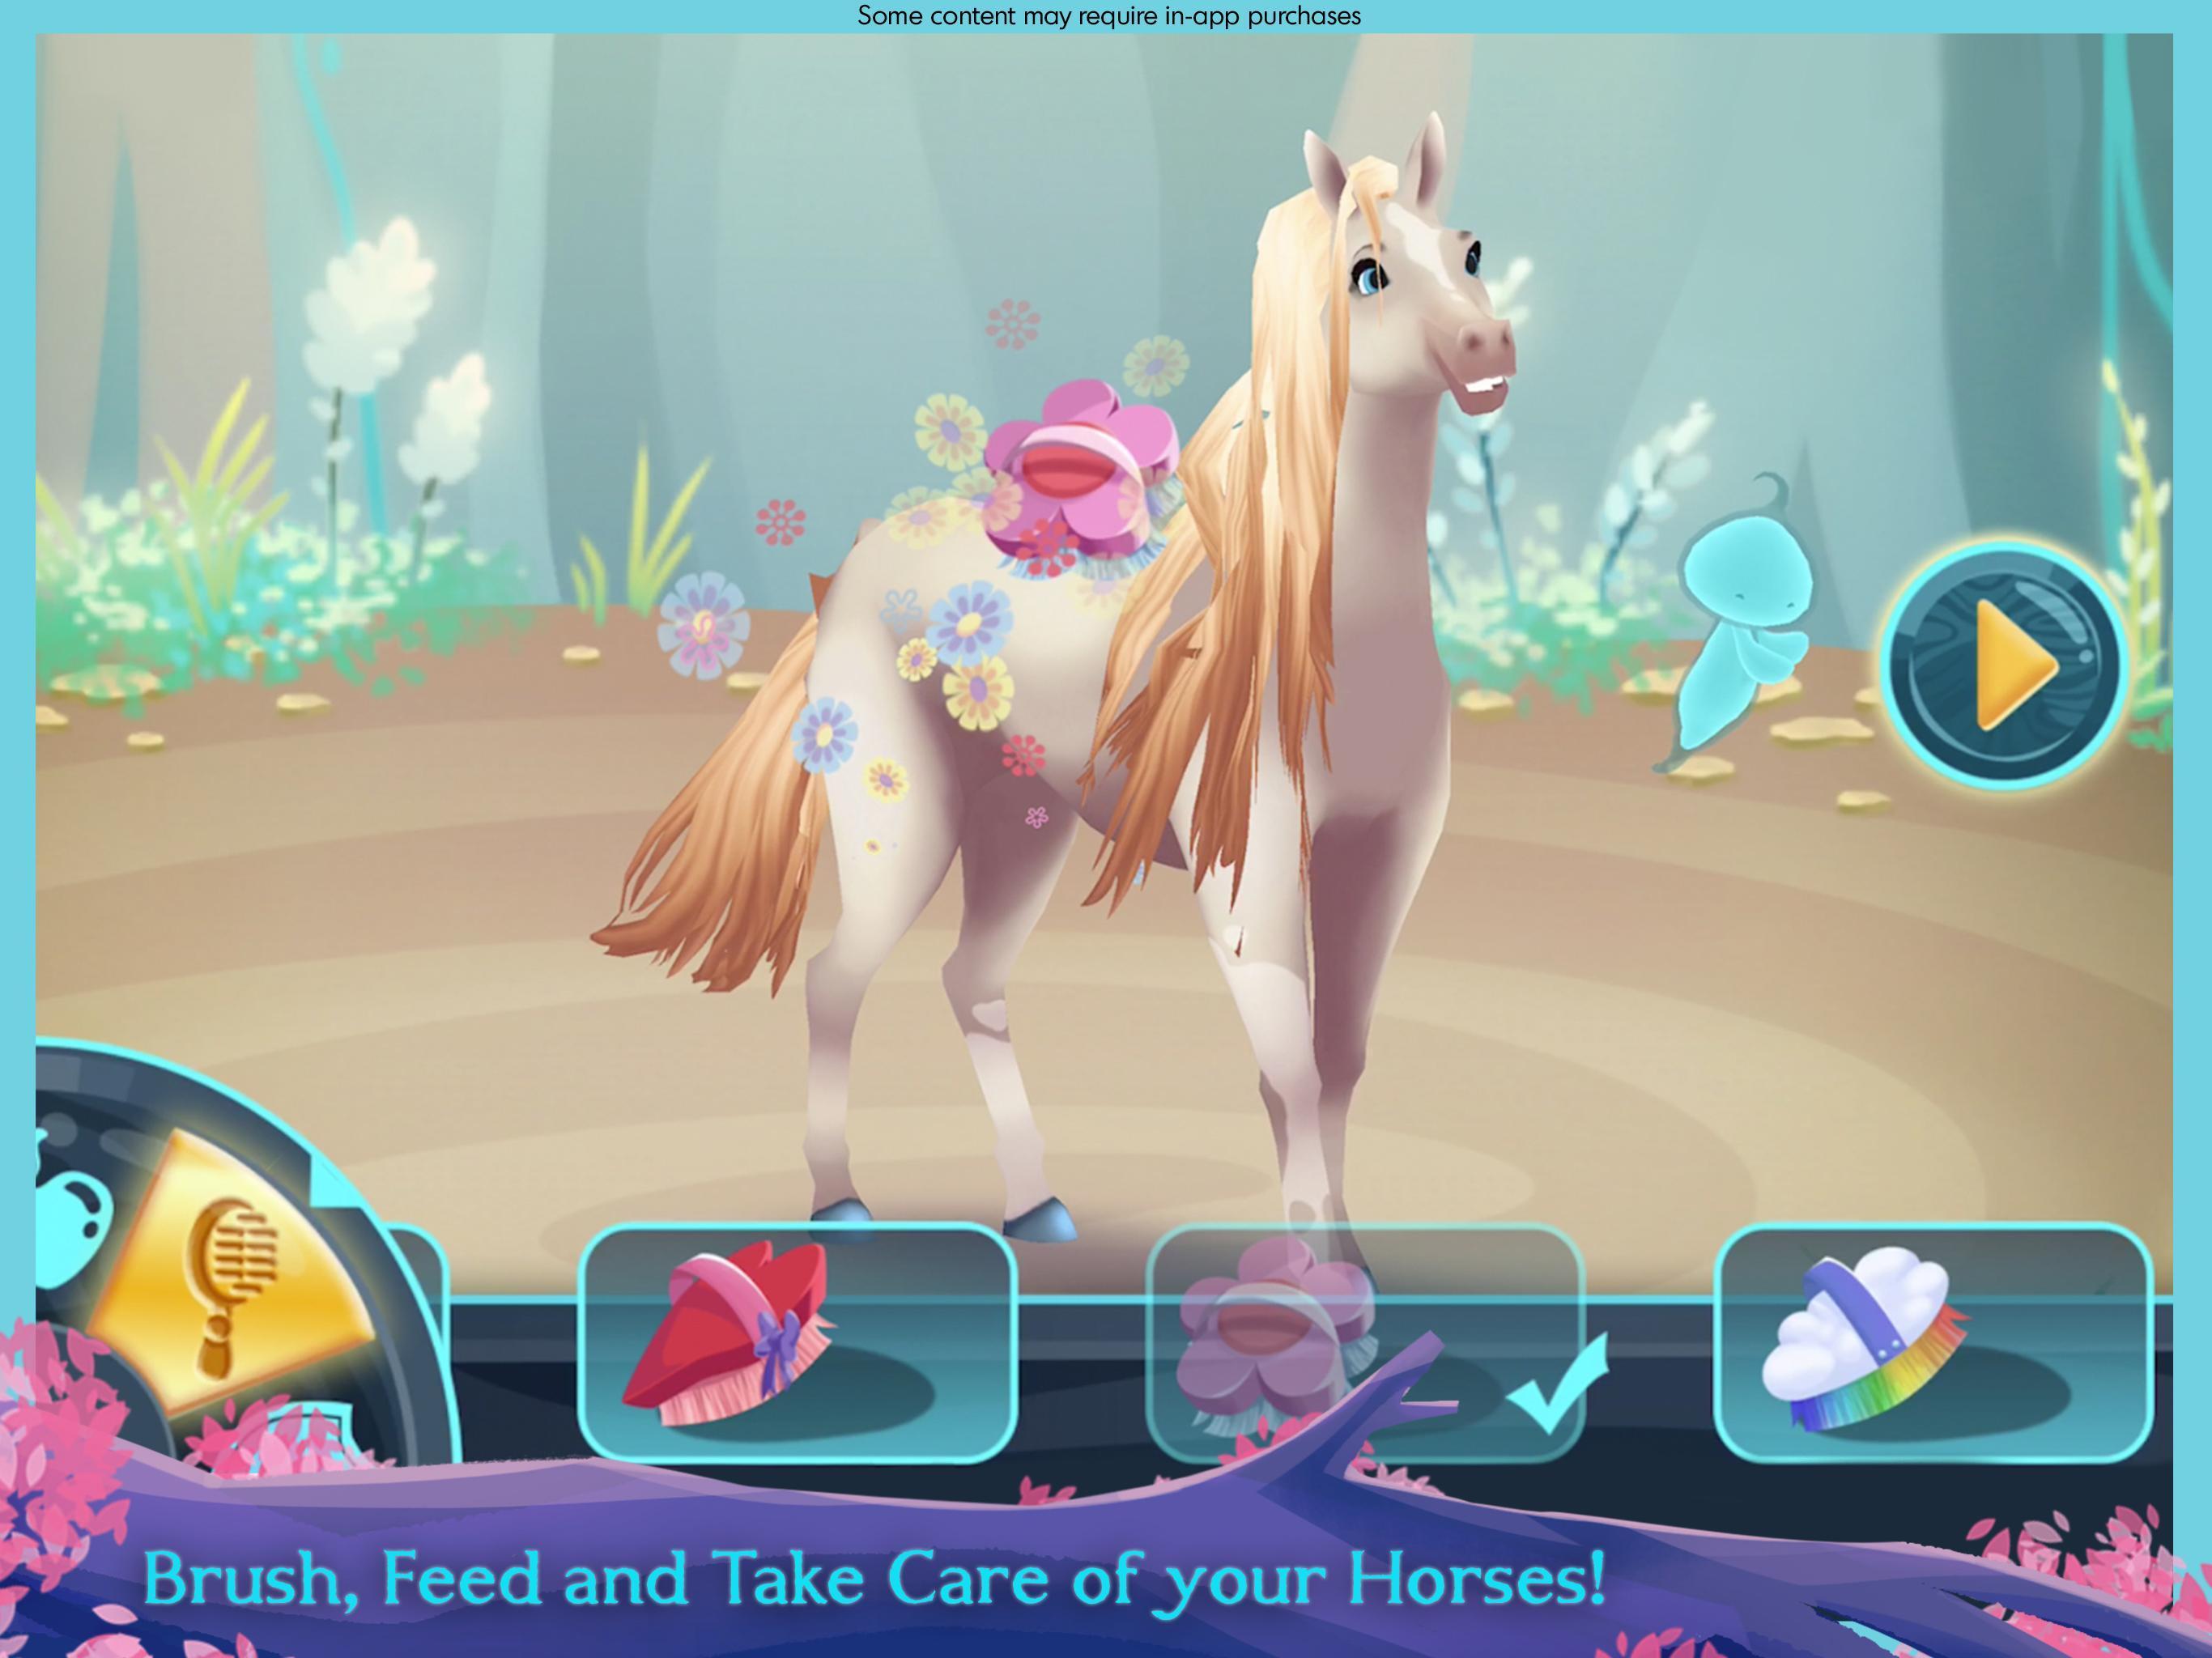 EverRun The Horse Guardians - Epic Endless Runner 2.3 Screenshot 10